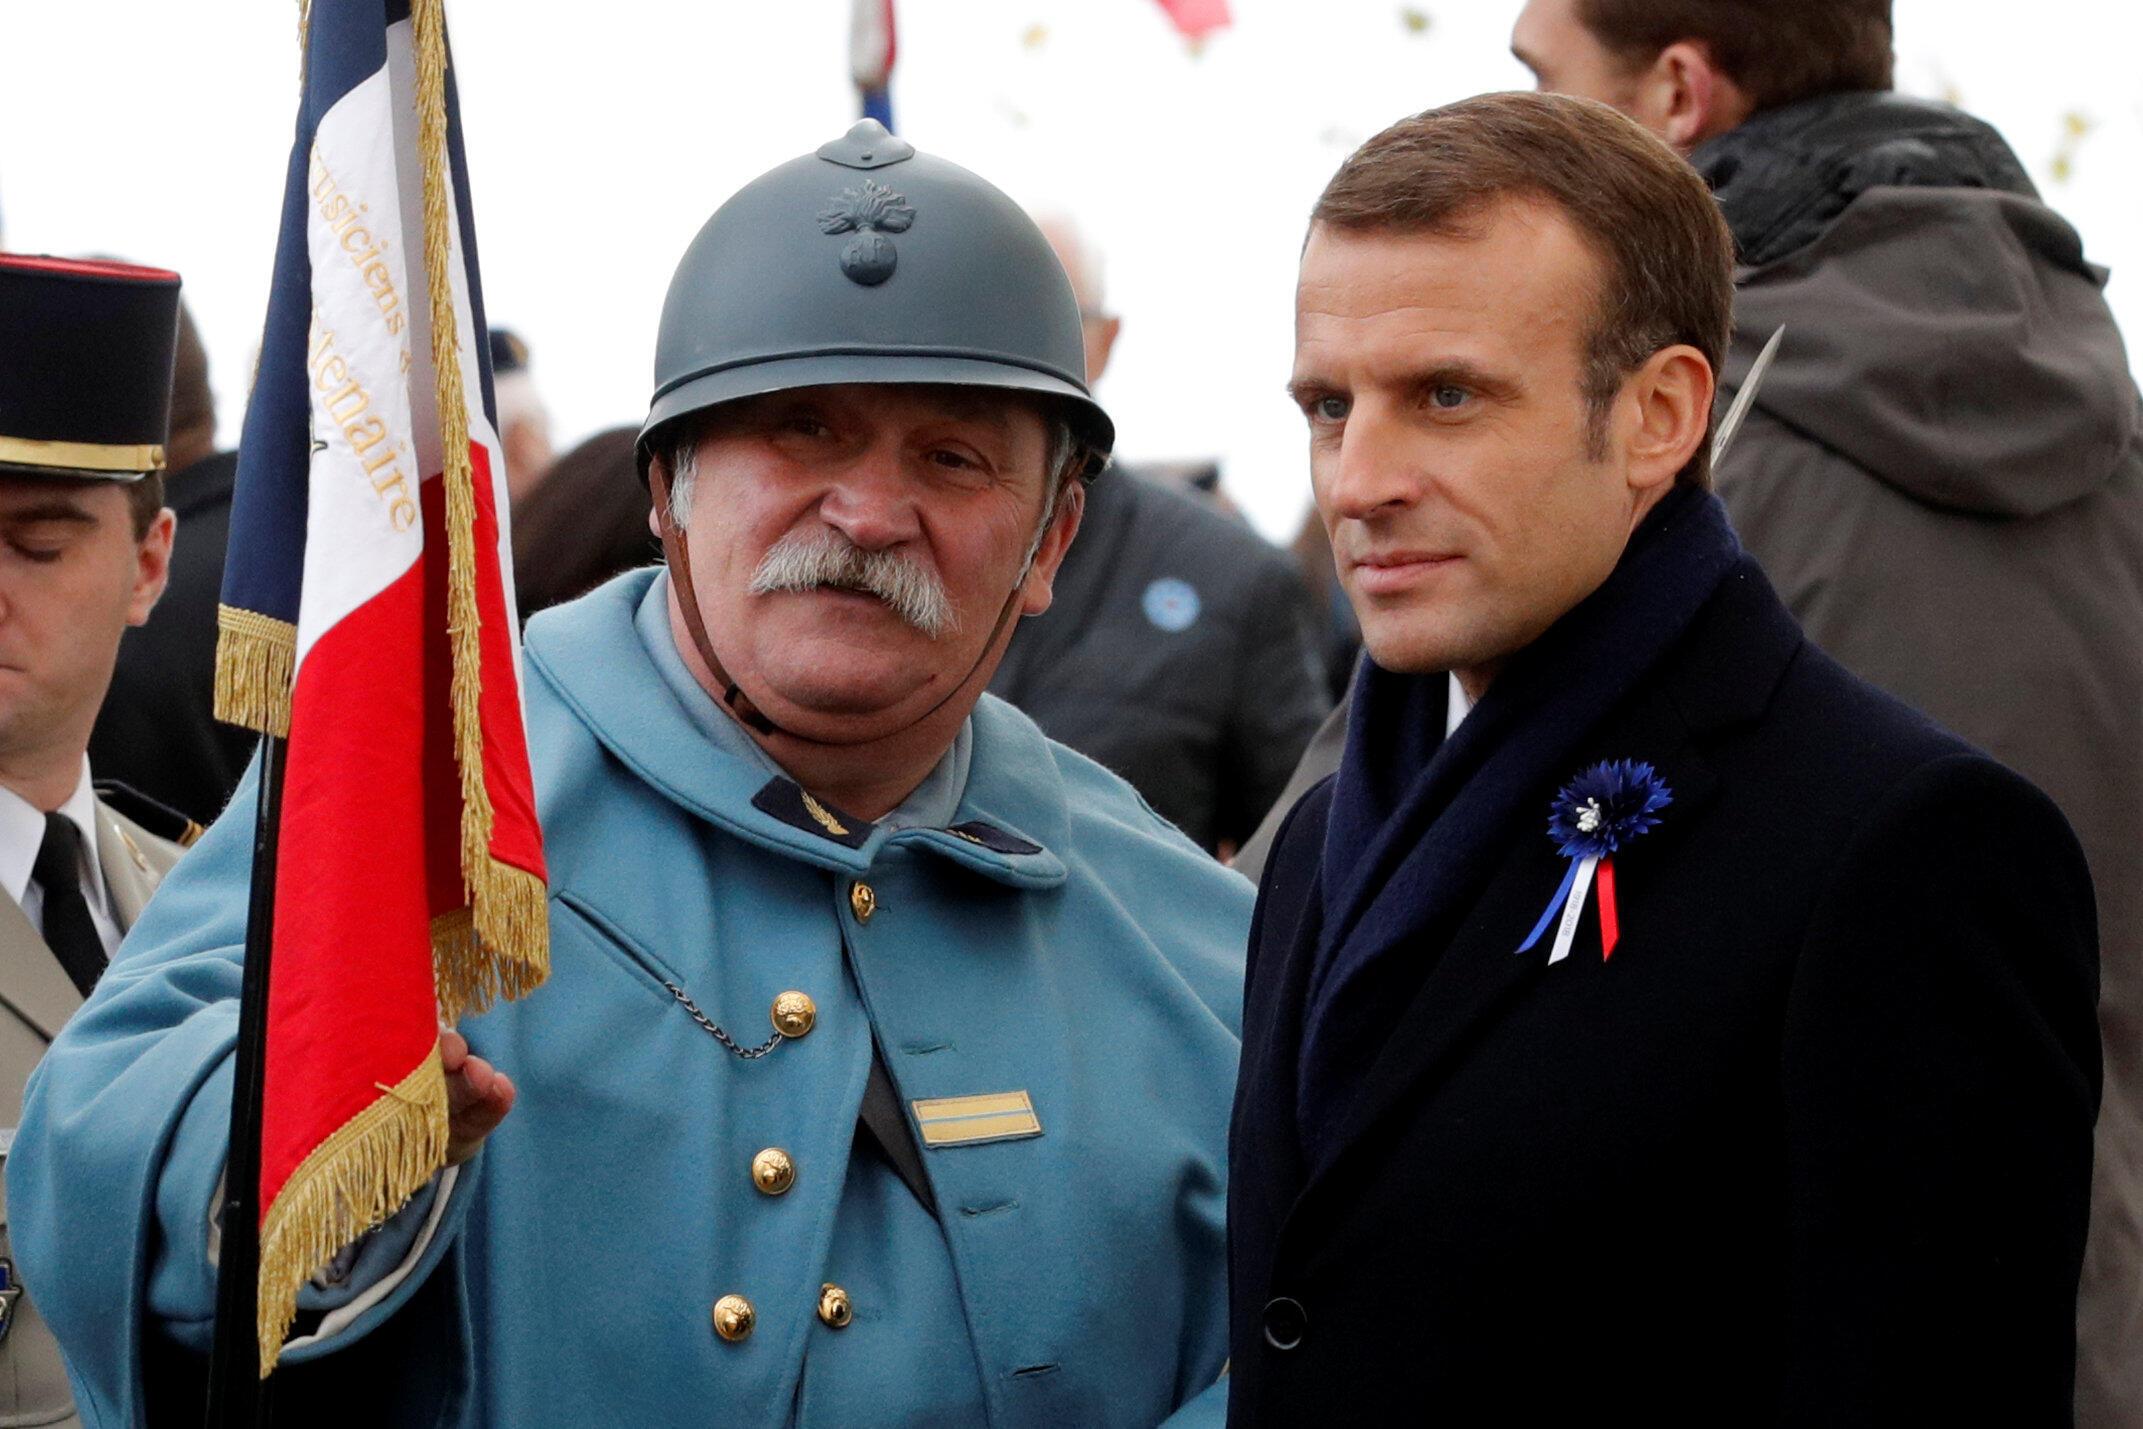 O presidente Emmanuel Macron (à direita) participa de cerimônia no Memorial da Batalha de Morhange (leste), no âmbito das comemorações do centenário do fim da Primeira Guerra Mundial.